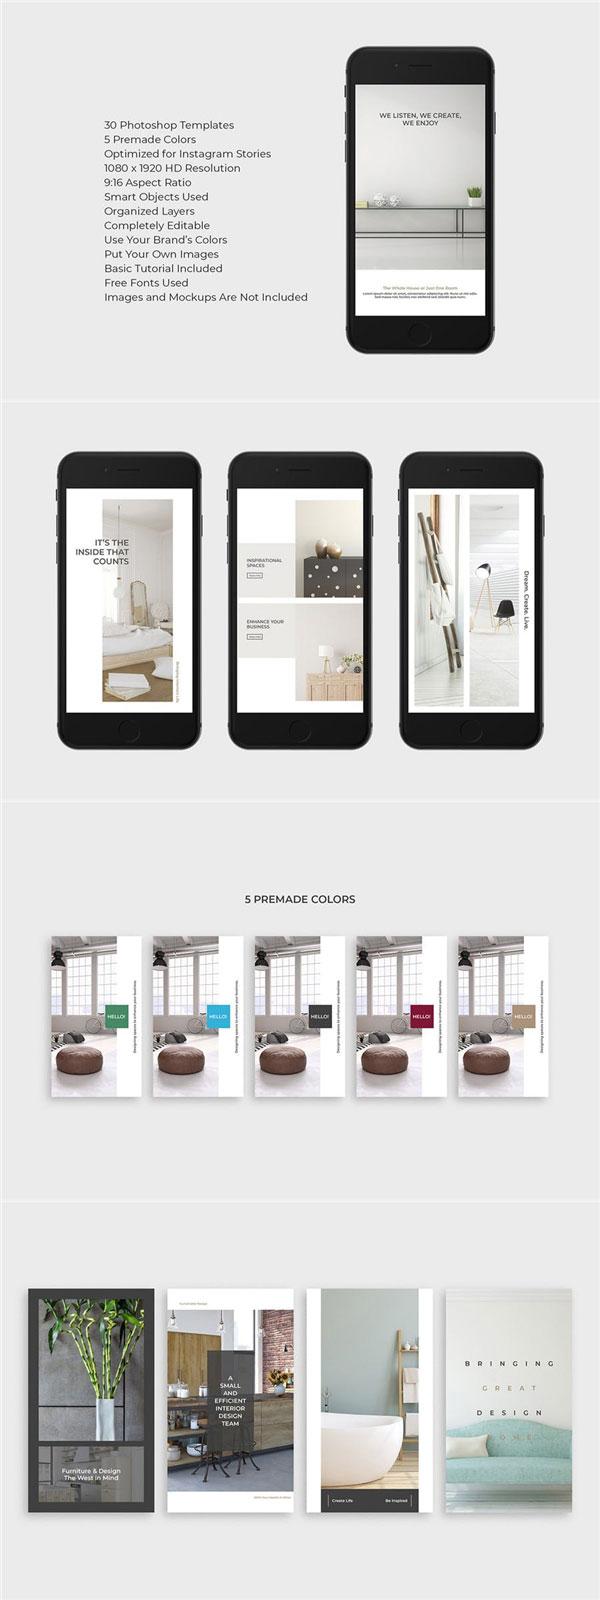 家居社交媒体广告